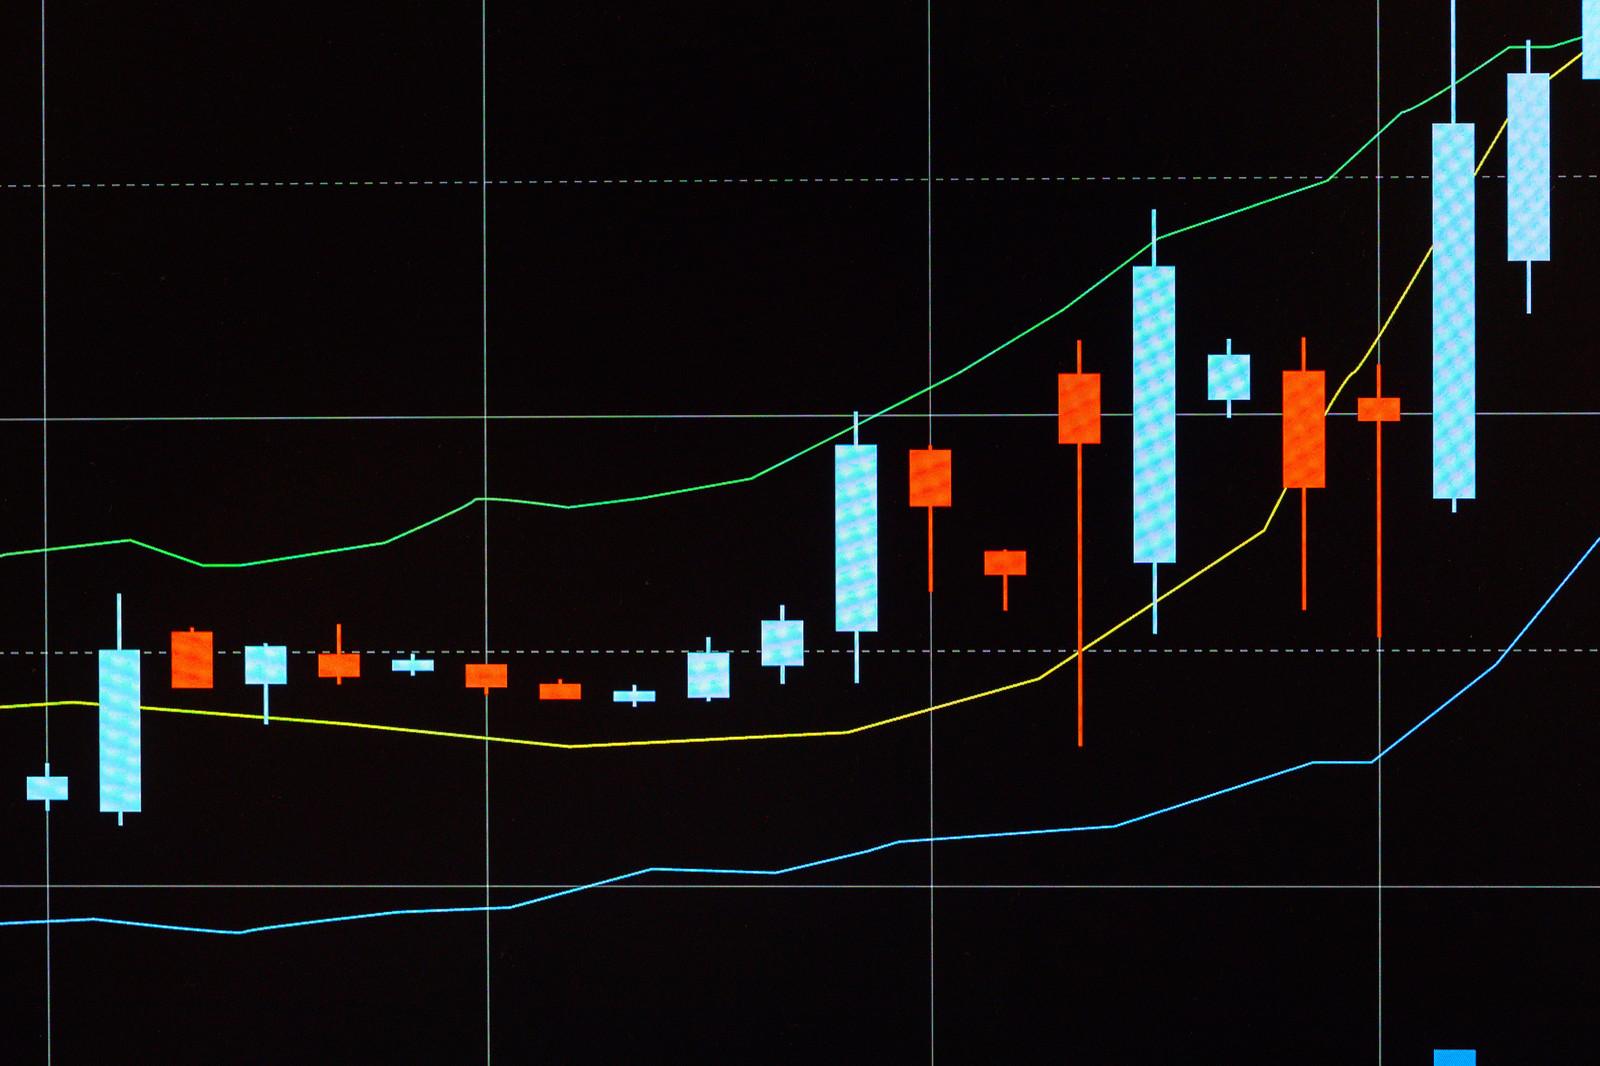 インデックス 株式 smt グローバル